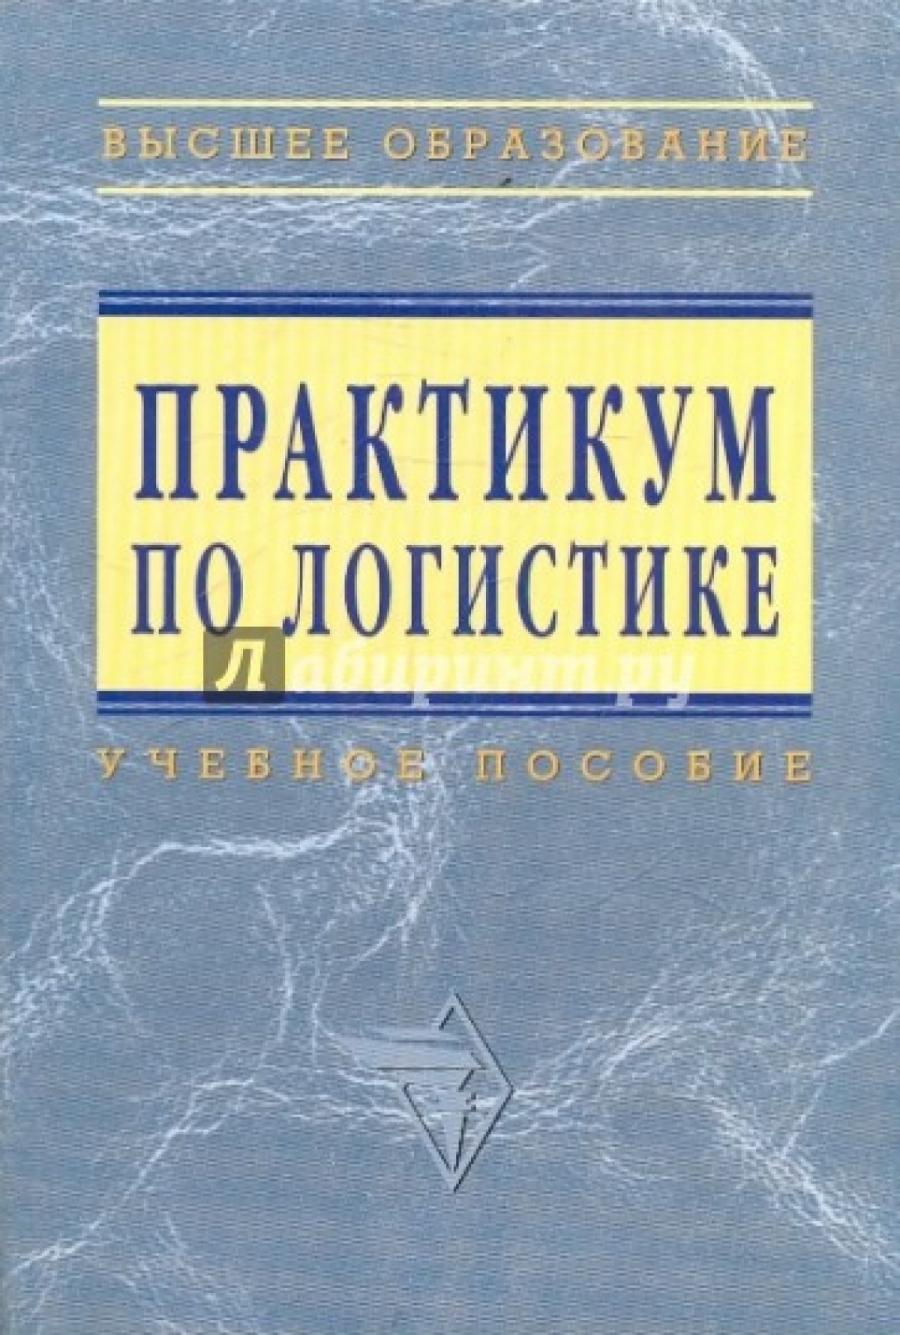 Обложка книги:  высшее образование - б. а. аникин - практикум по логистике